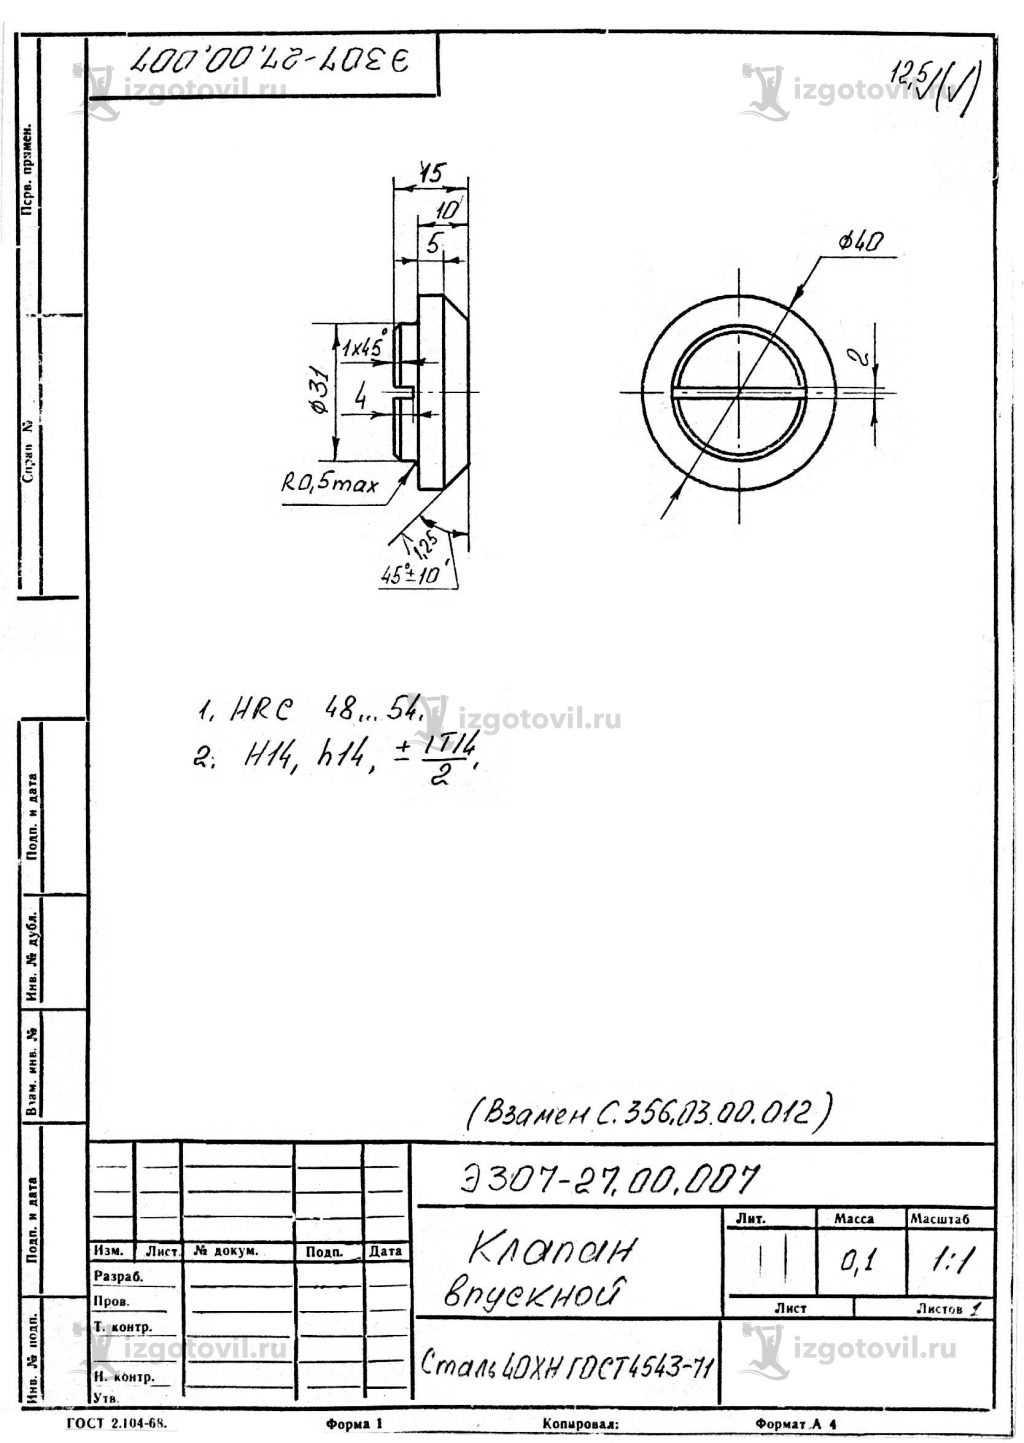 Металлообработка: изготовление корпусов, клапанов, муфты, втулки, гайки, шайбы